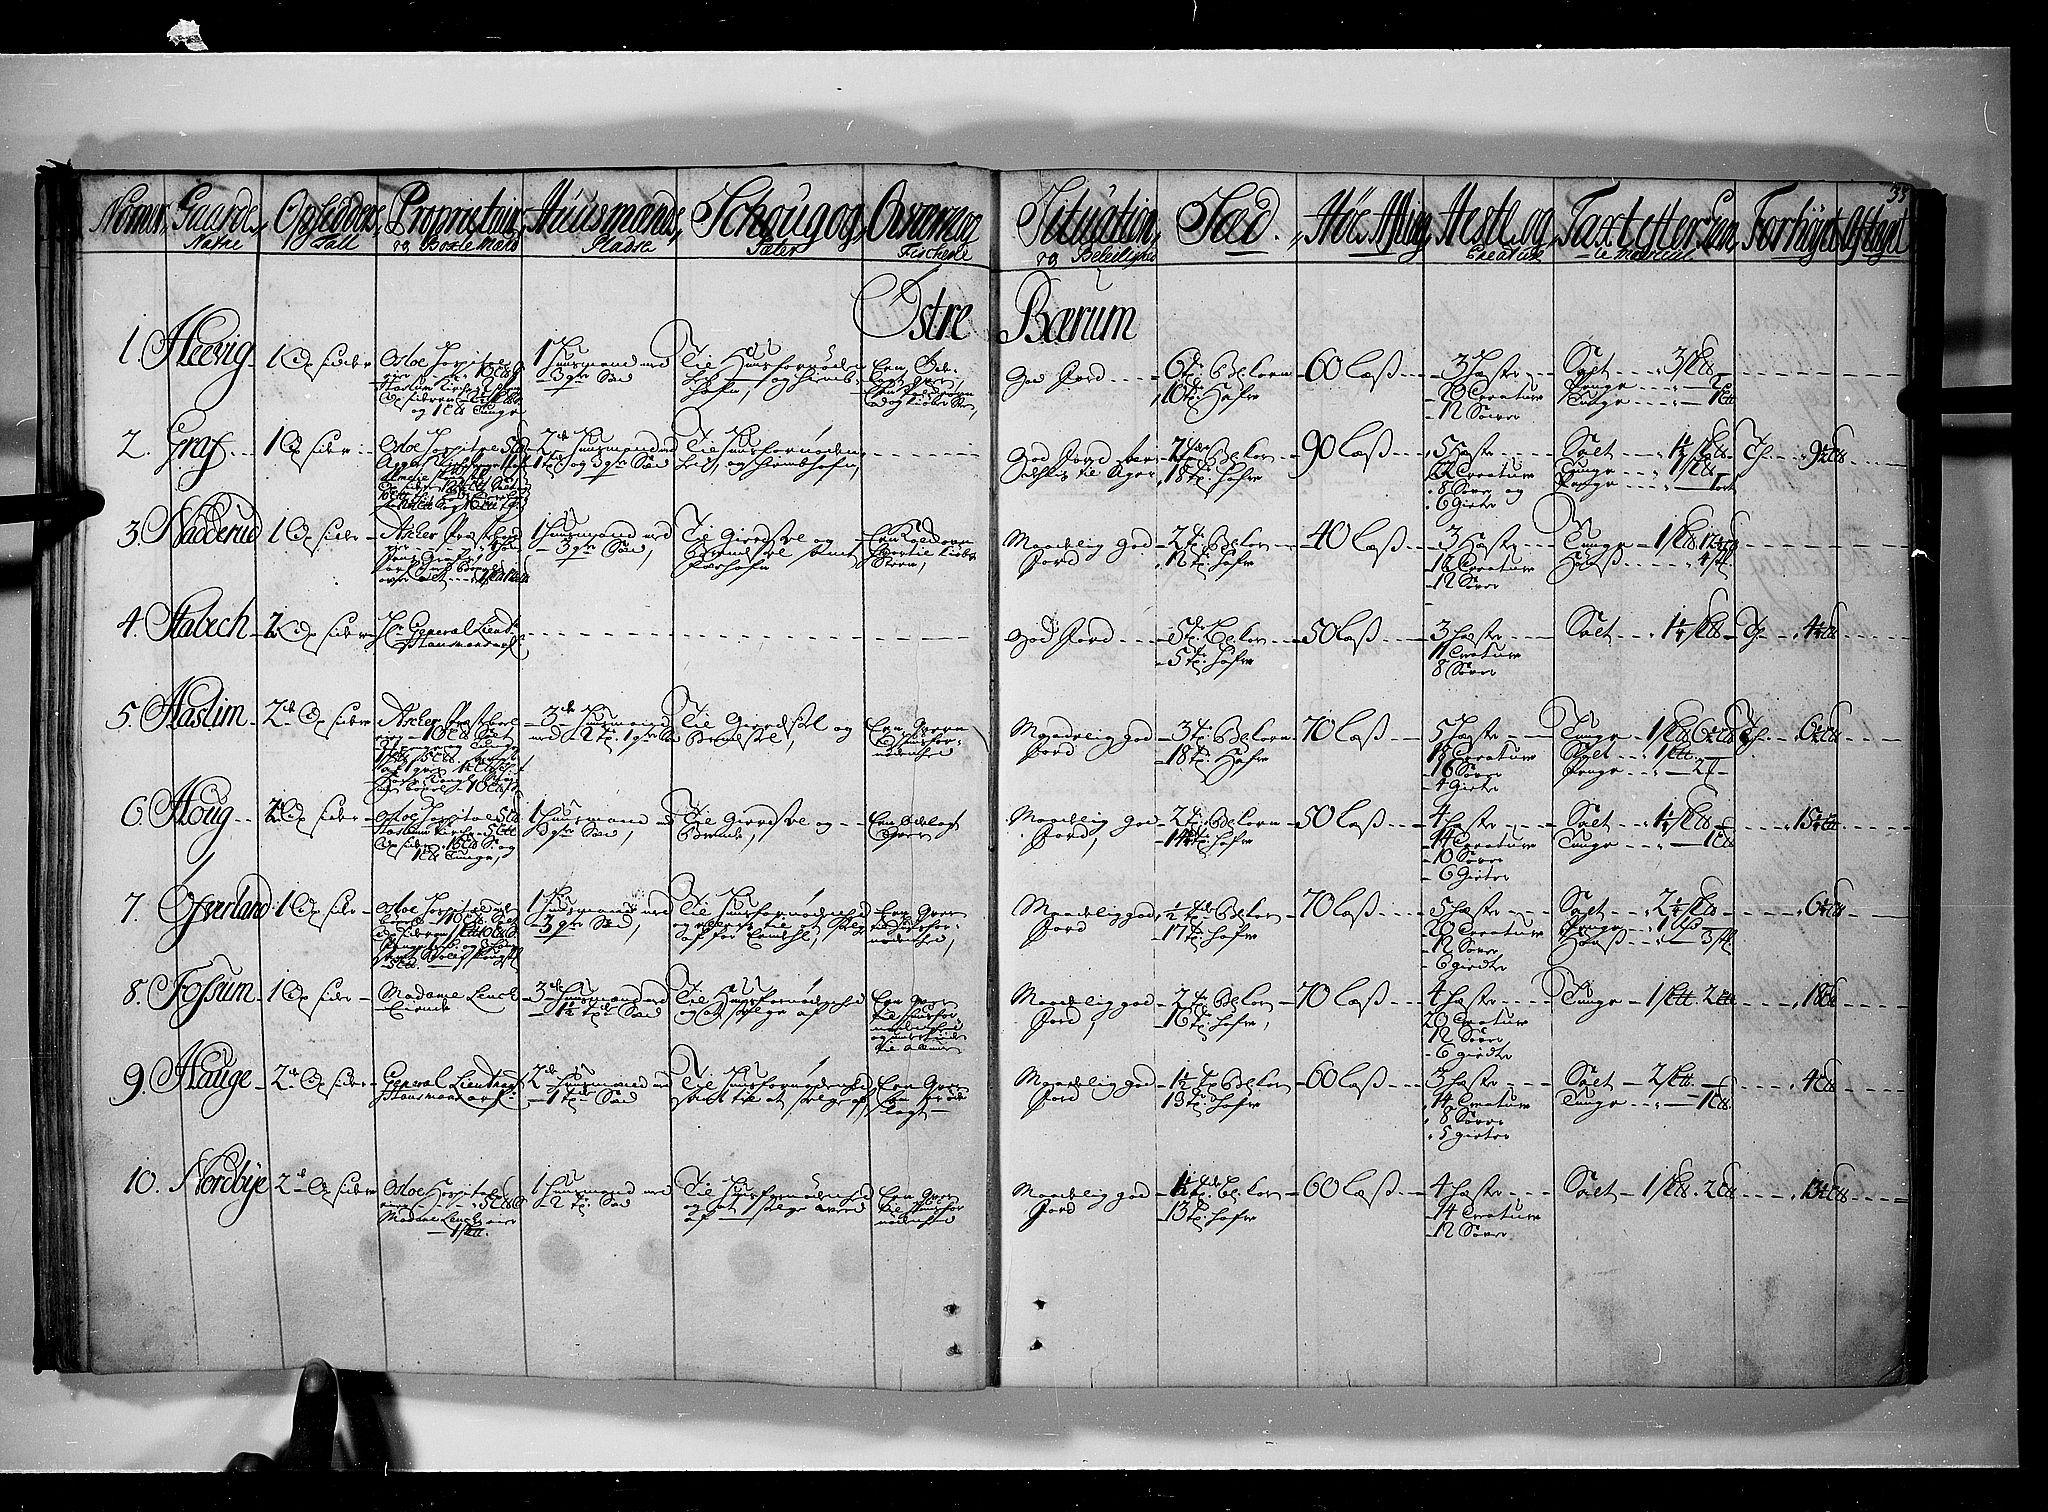 RA, Rentekammeret inntil 1814, Realistisk ordnet avdeling, N/Nb/Nbf/L0089: Aker og Follo eksaminasjonsprotokoll, 1723, s. 32b-33a